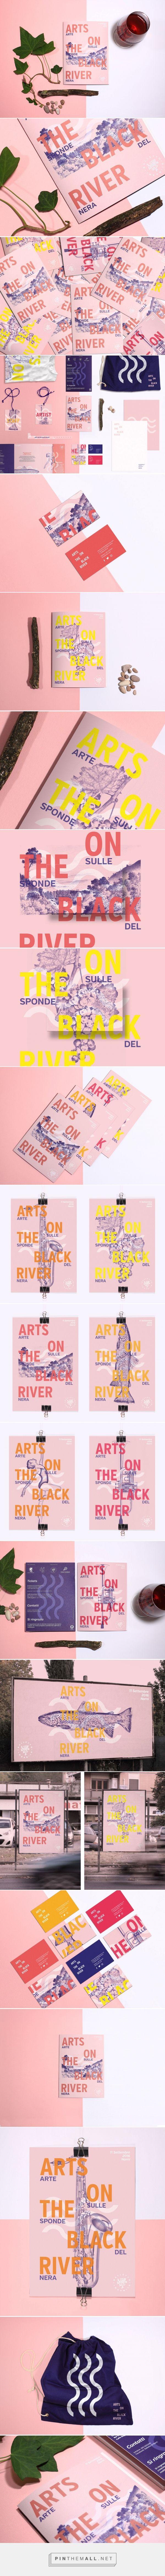 Arts on The Black River Festival Branding by Bocanegra Studio   Fivestar Branding – Design and Branding Agency & Inspiration Gallery